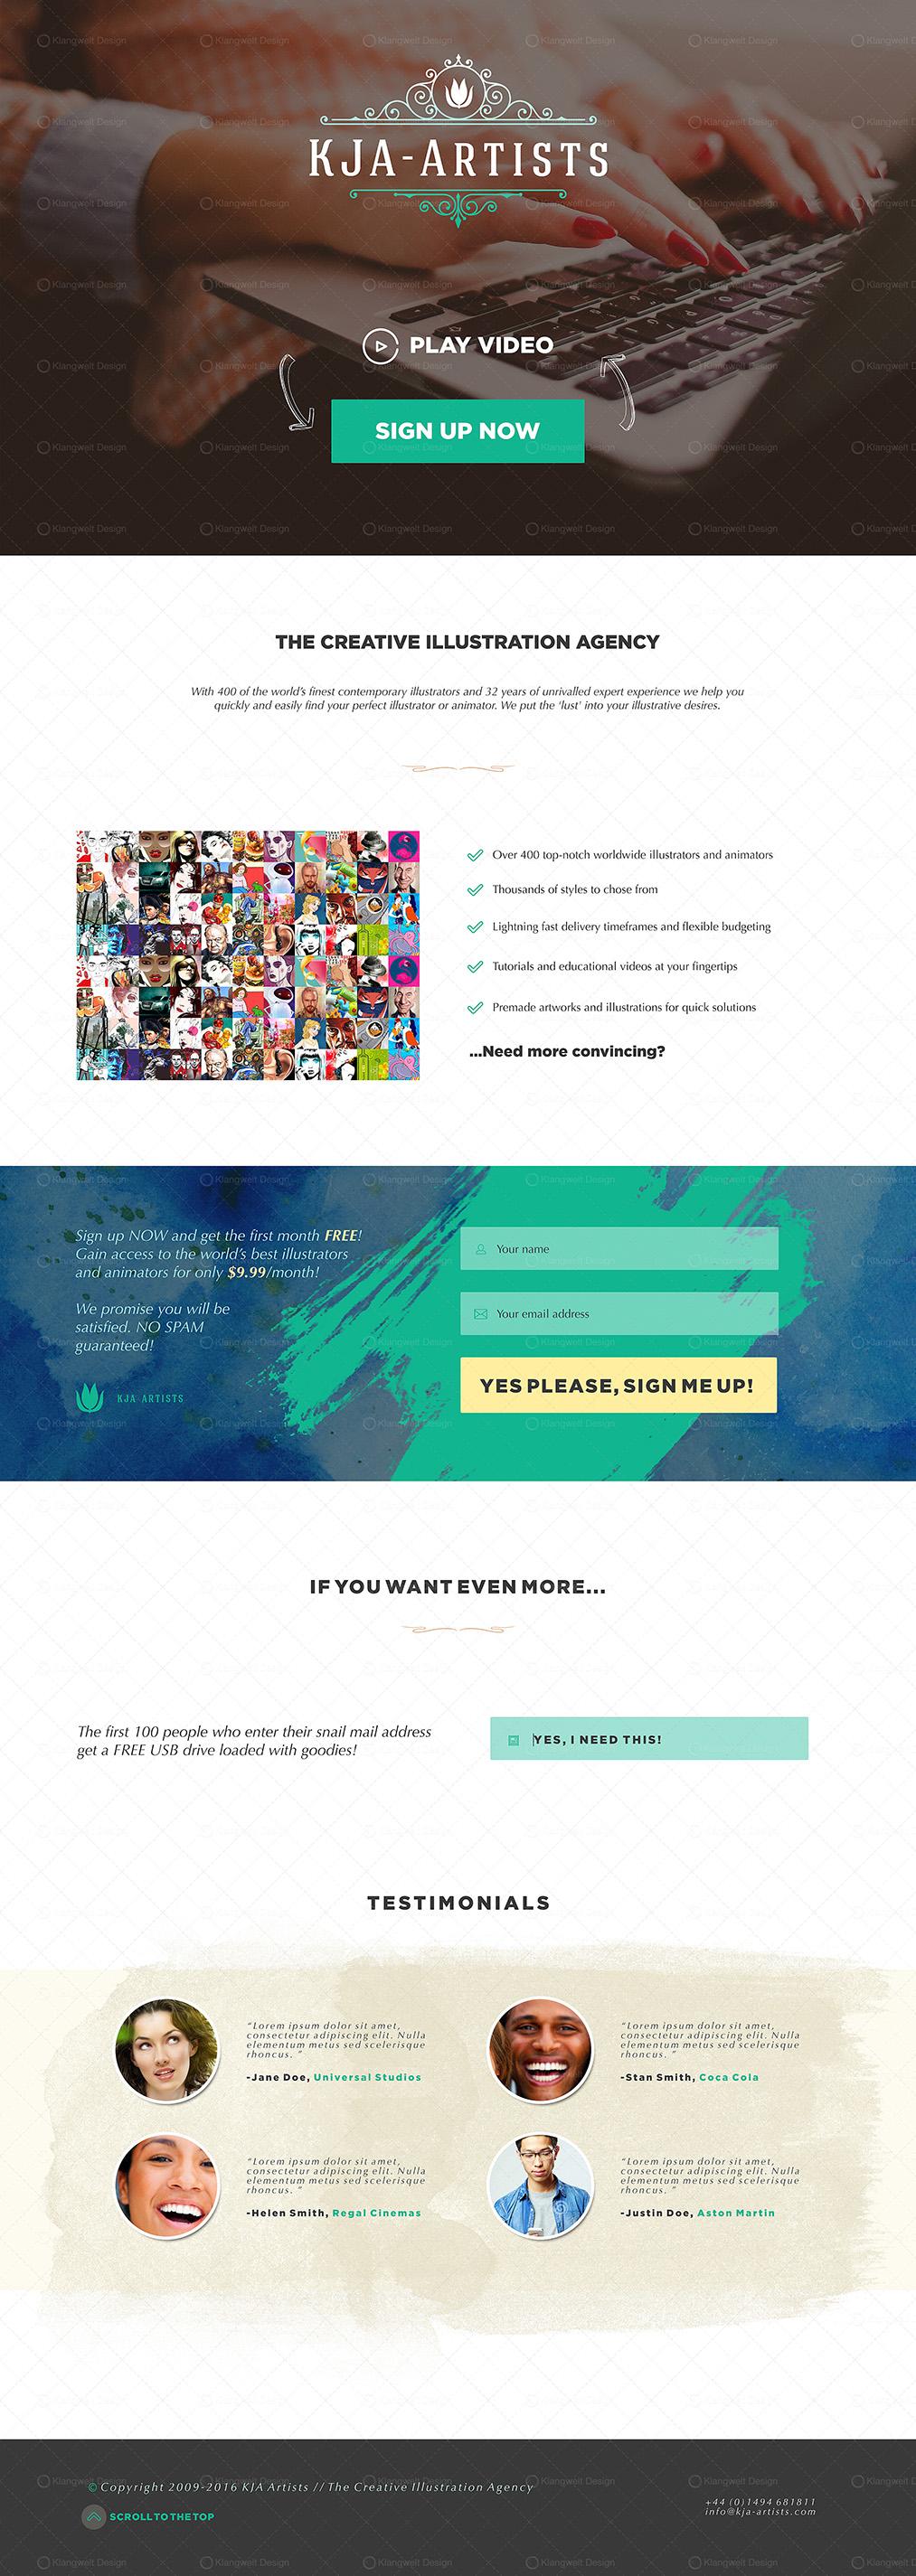 KJA Artists Illustration Agency Web & UX Redesign by Klangwelt